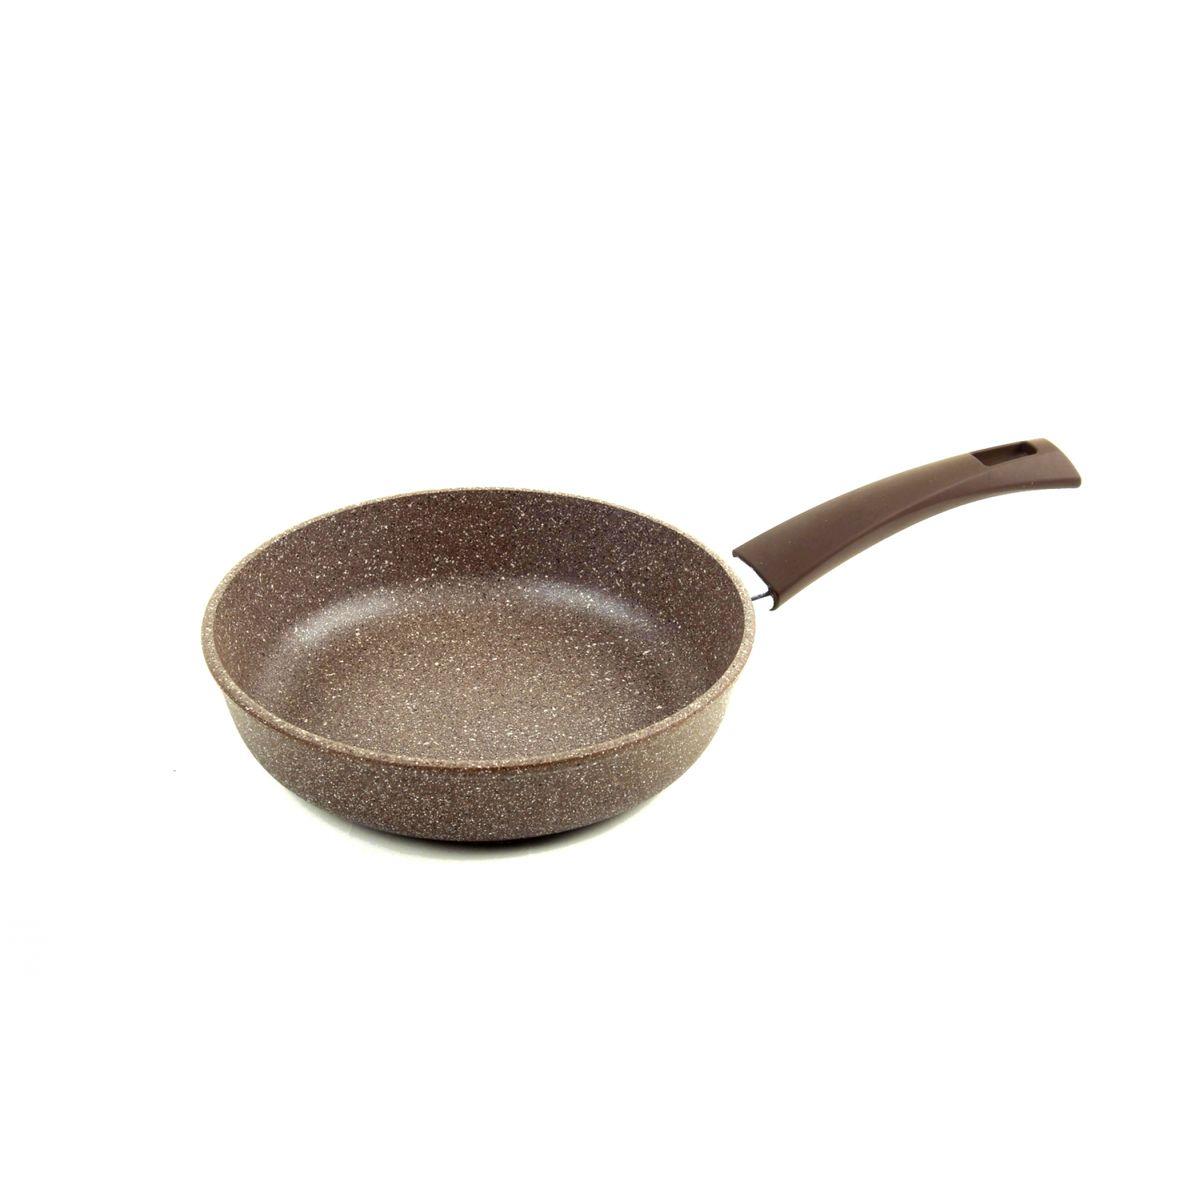 """Сковорода Vari """"Pietra"""" изготовлена из литого алюминия с утолщенным дном. Изделие имеет внутреннее антипригарное покрытие """"QuanTanium"""", усиленное частицами соединений титана, что придает посуде каменную прочность. Литой корпус сковороды обеспечивает равномерное распределение и длительное сохранение тепла, что позволяет готовить блюда любой сложности.Сковорода снабжена эргономичной пластиковой ручкой с покрытием Soft-Touch.Изделие подходит для газовых, электрических и стеклокерамических плит.Высота стенки: 4,5 см. Диаметр по верхнему краю: 22 см. Толщина стенки: 4,5 мм.Толщина дна: 6 мм."""